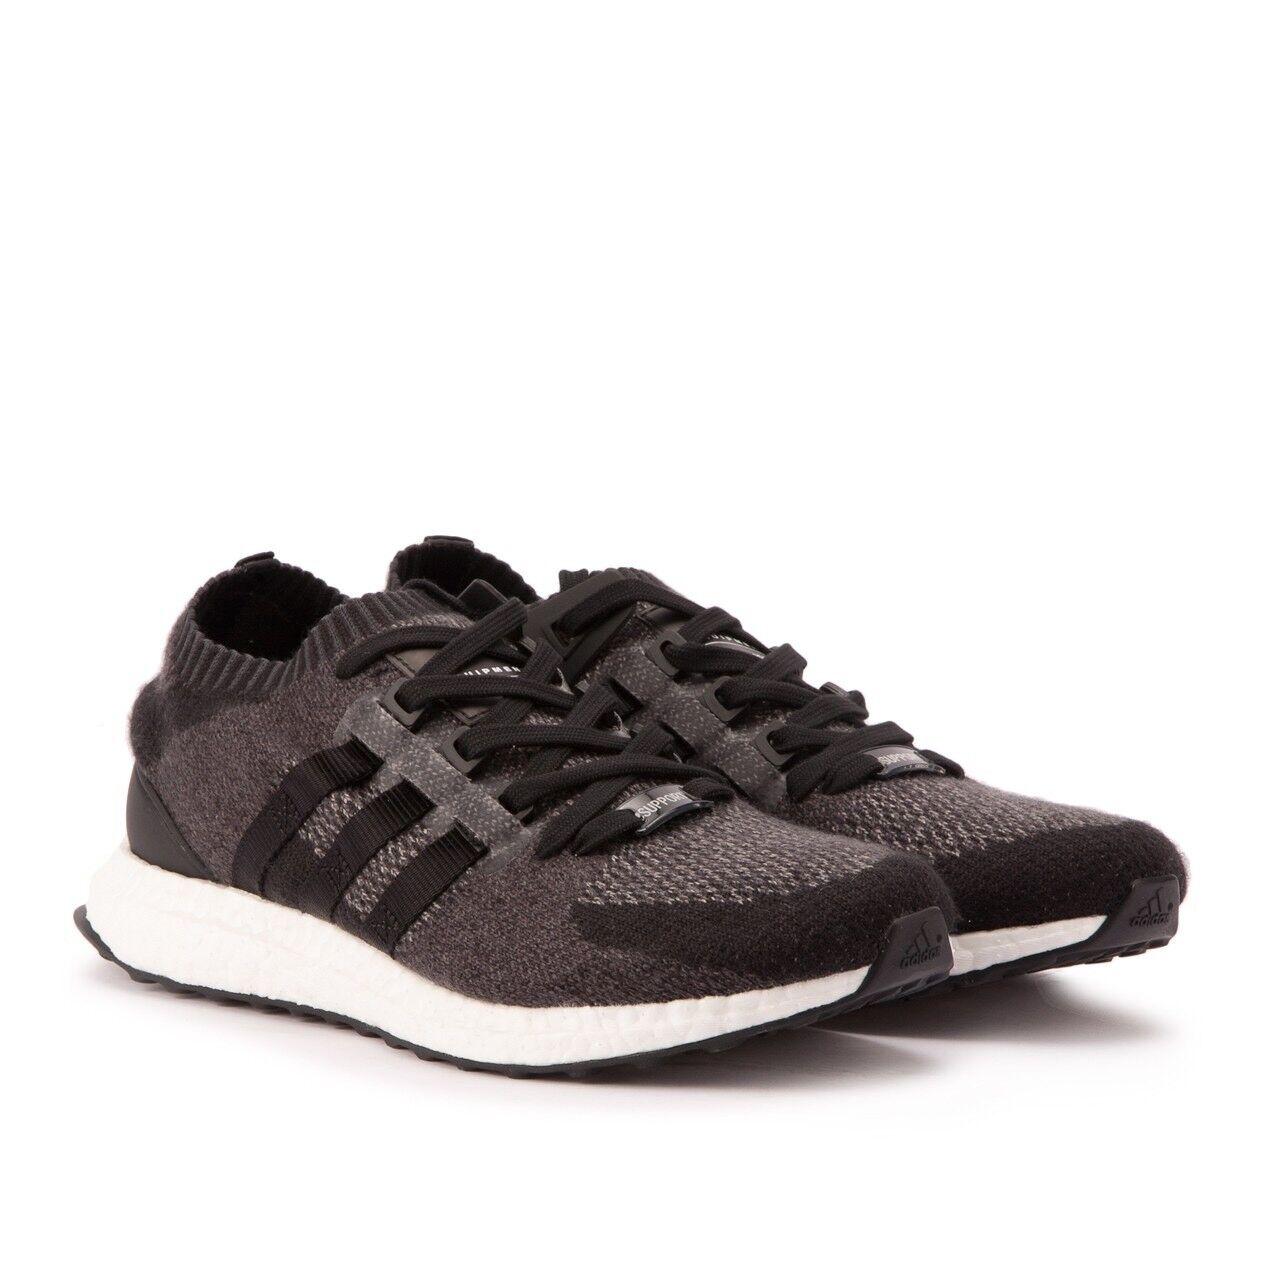 Adidas tamaño EQT Soporte Ultra PK núcleo negro (BB1241) tamaño Adidas de Reino Unido 6 3e6240